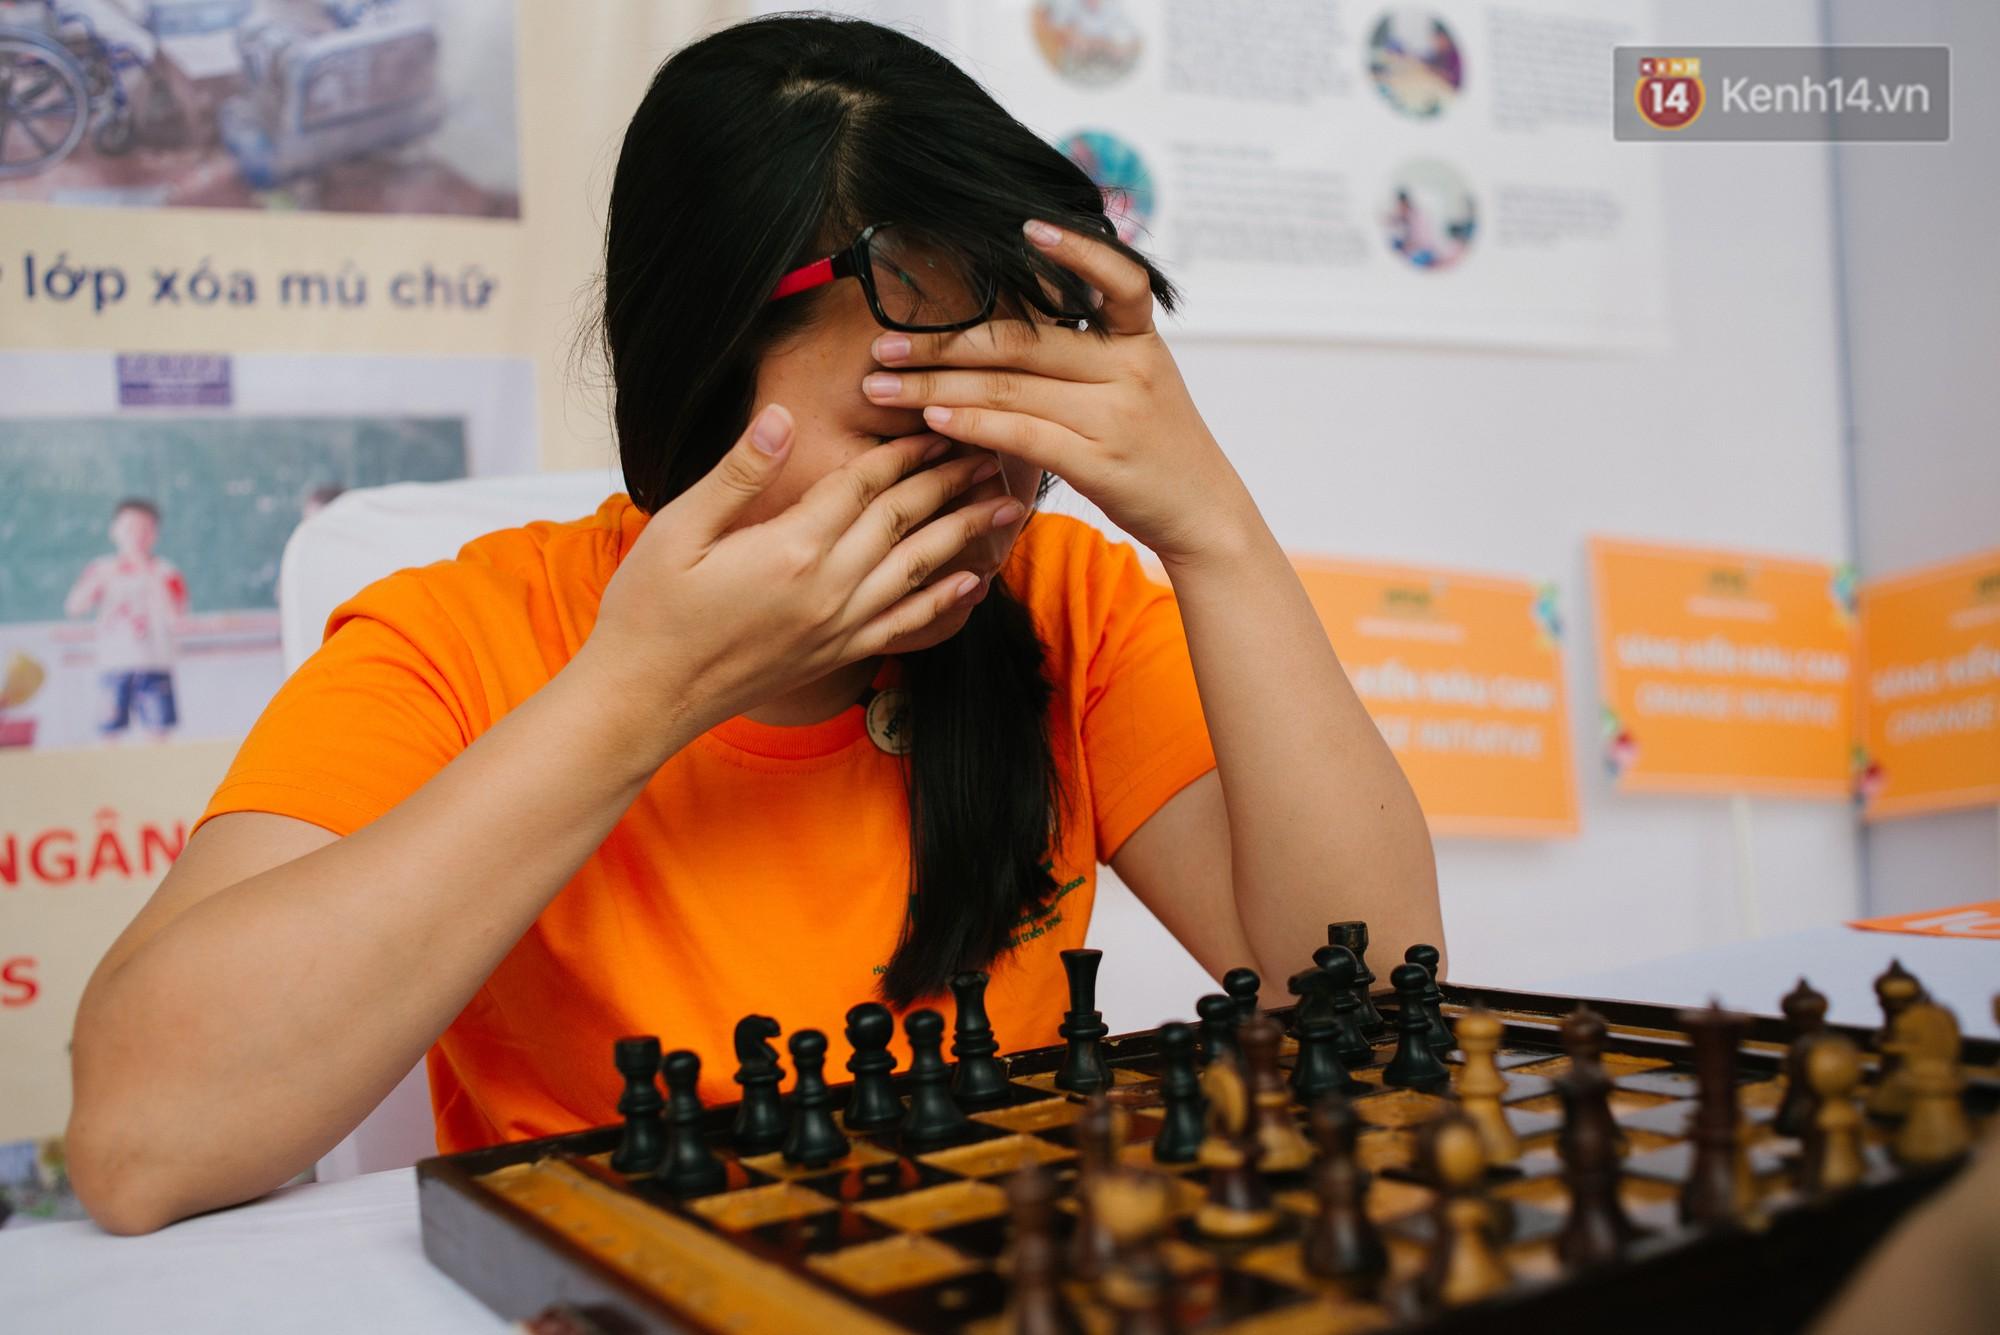 Hành trình chạm đến giải vô địch cờ vua Đông Nam Á của cô gái khiếm thị Sài Gòn - Ảnh 2.